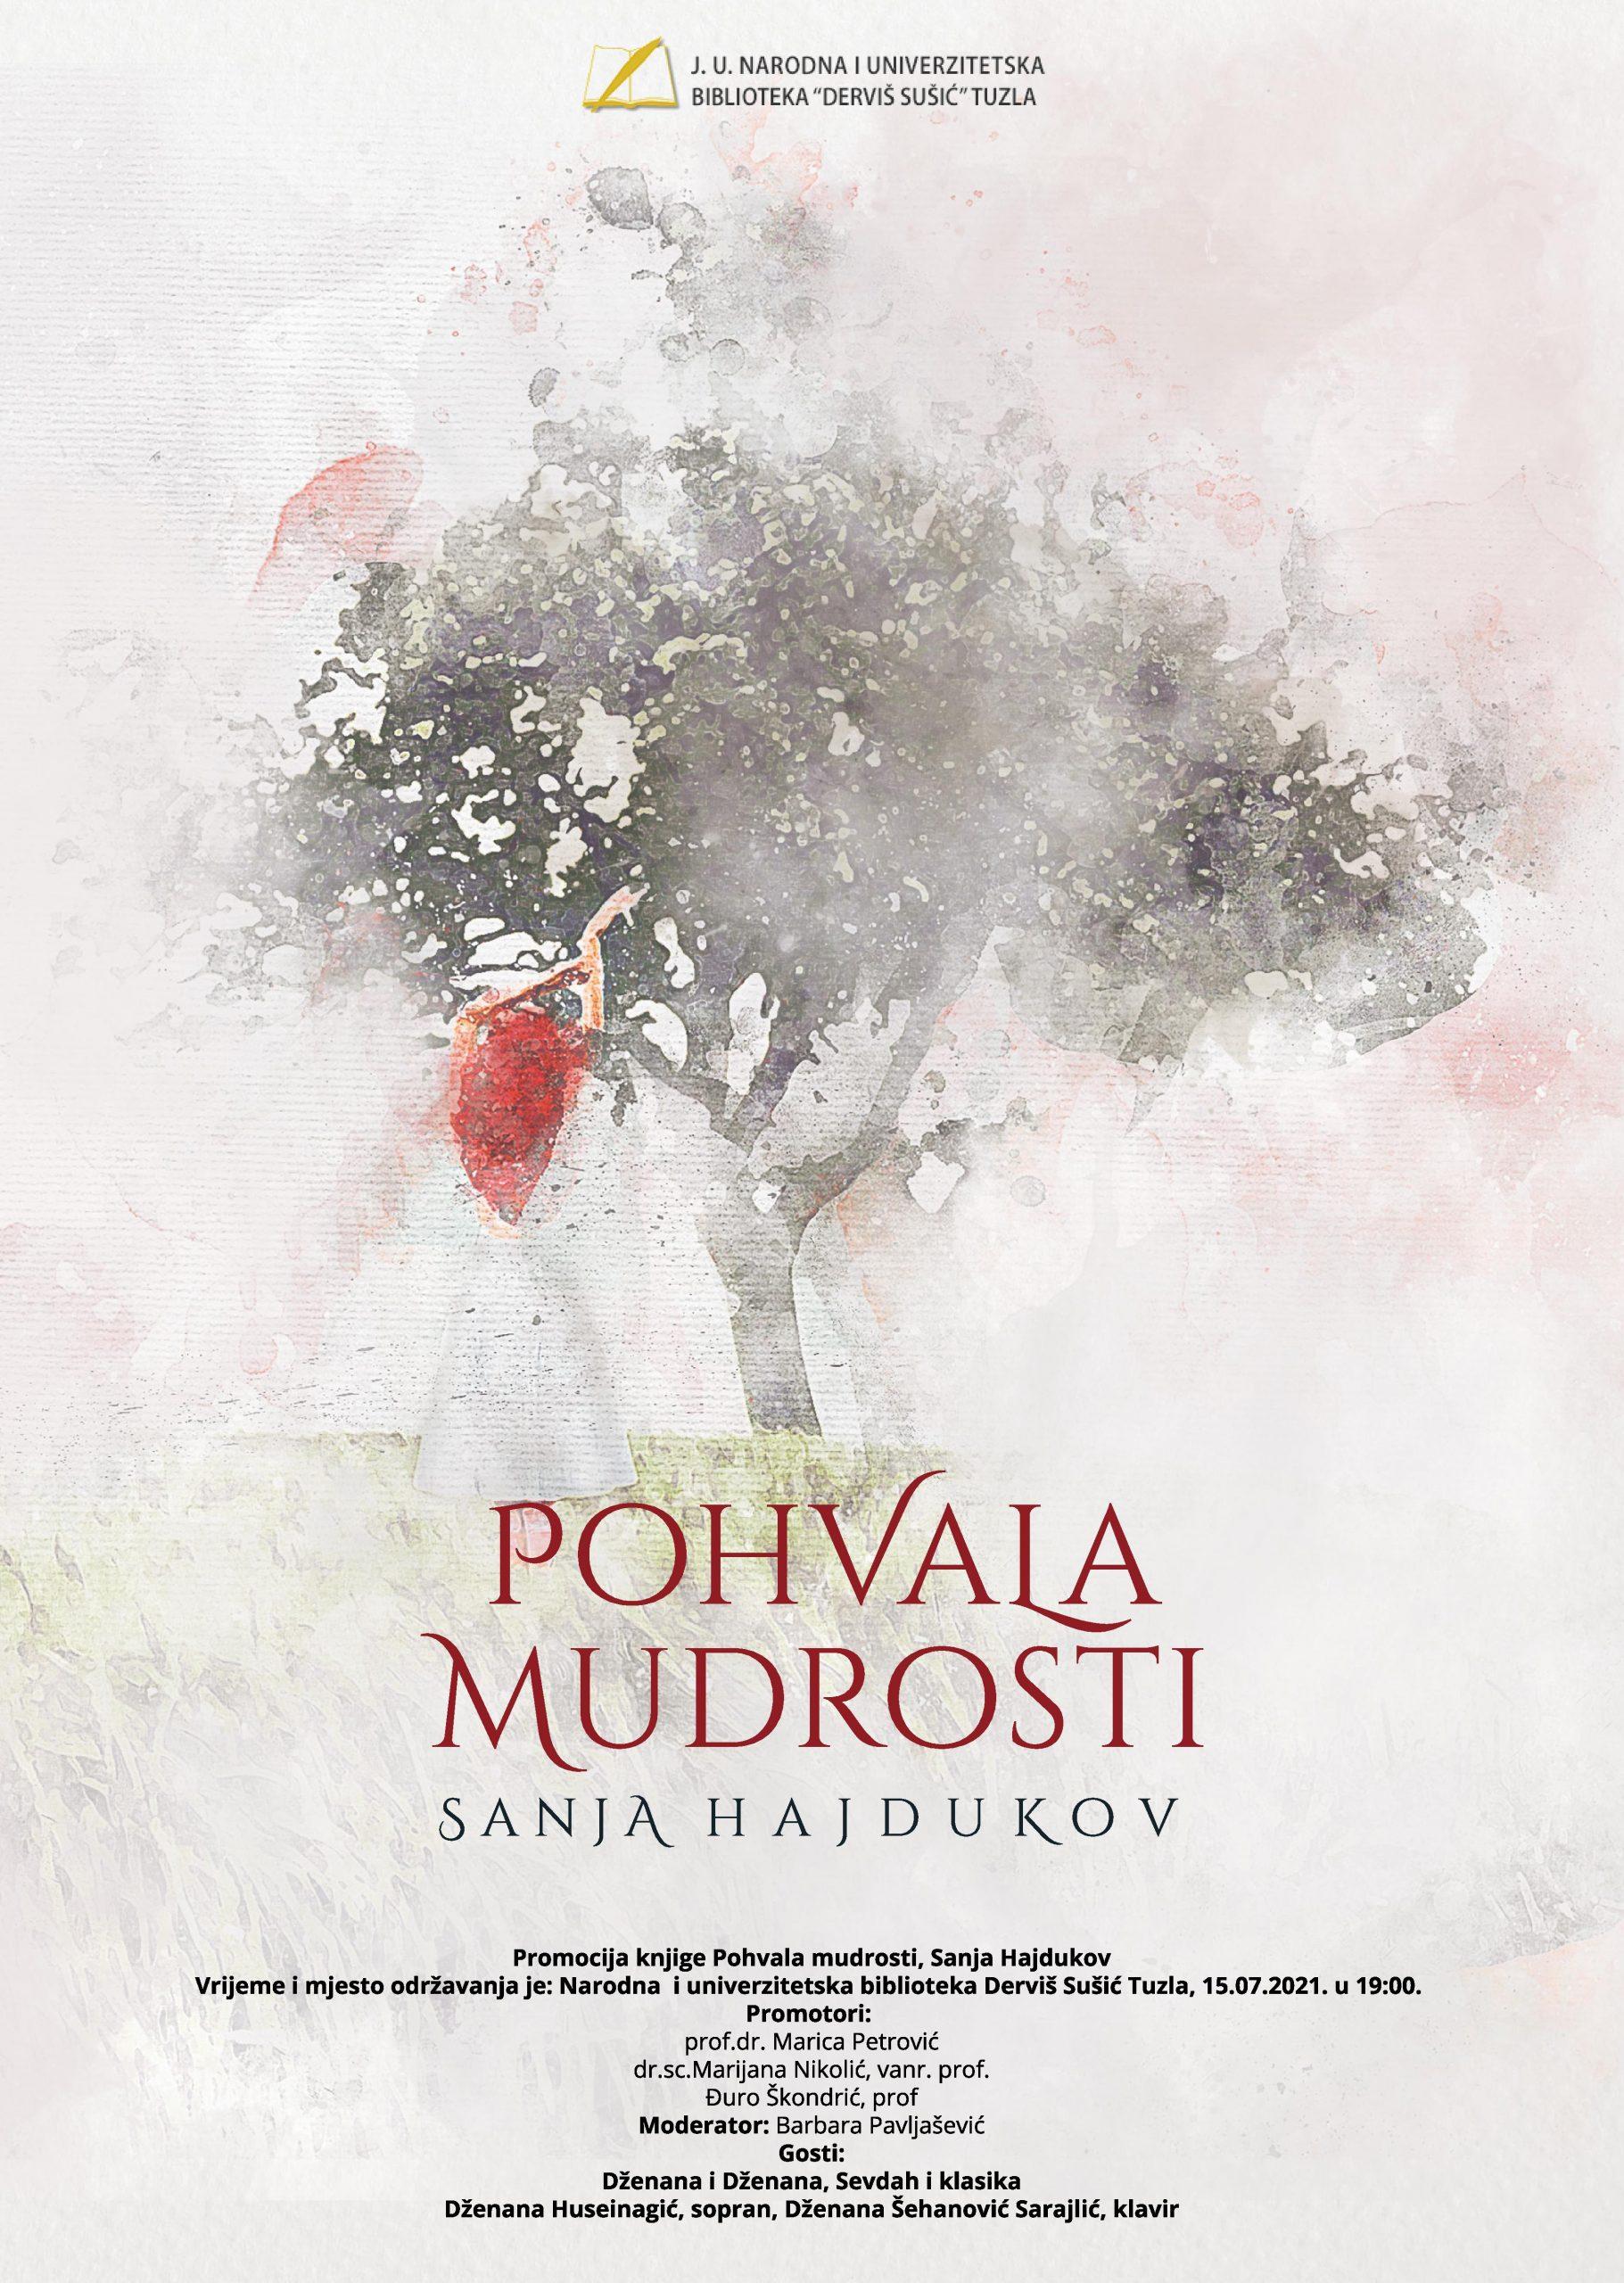 Najava promocije knjige, autorice Sanje Hajdukov